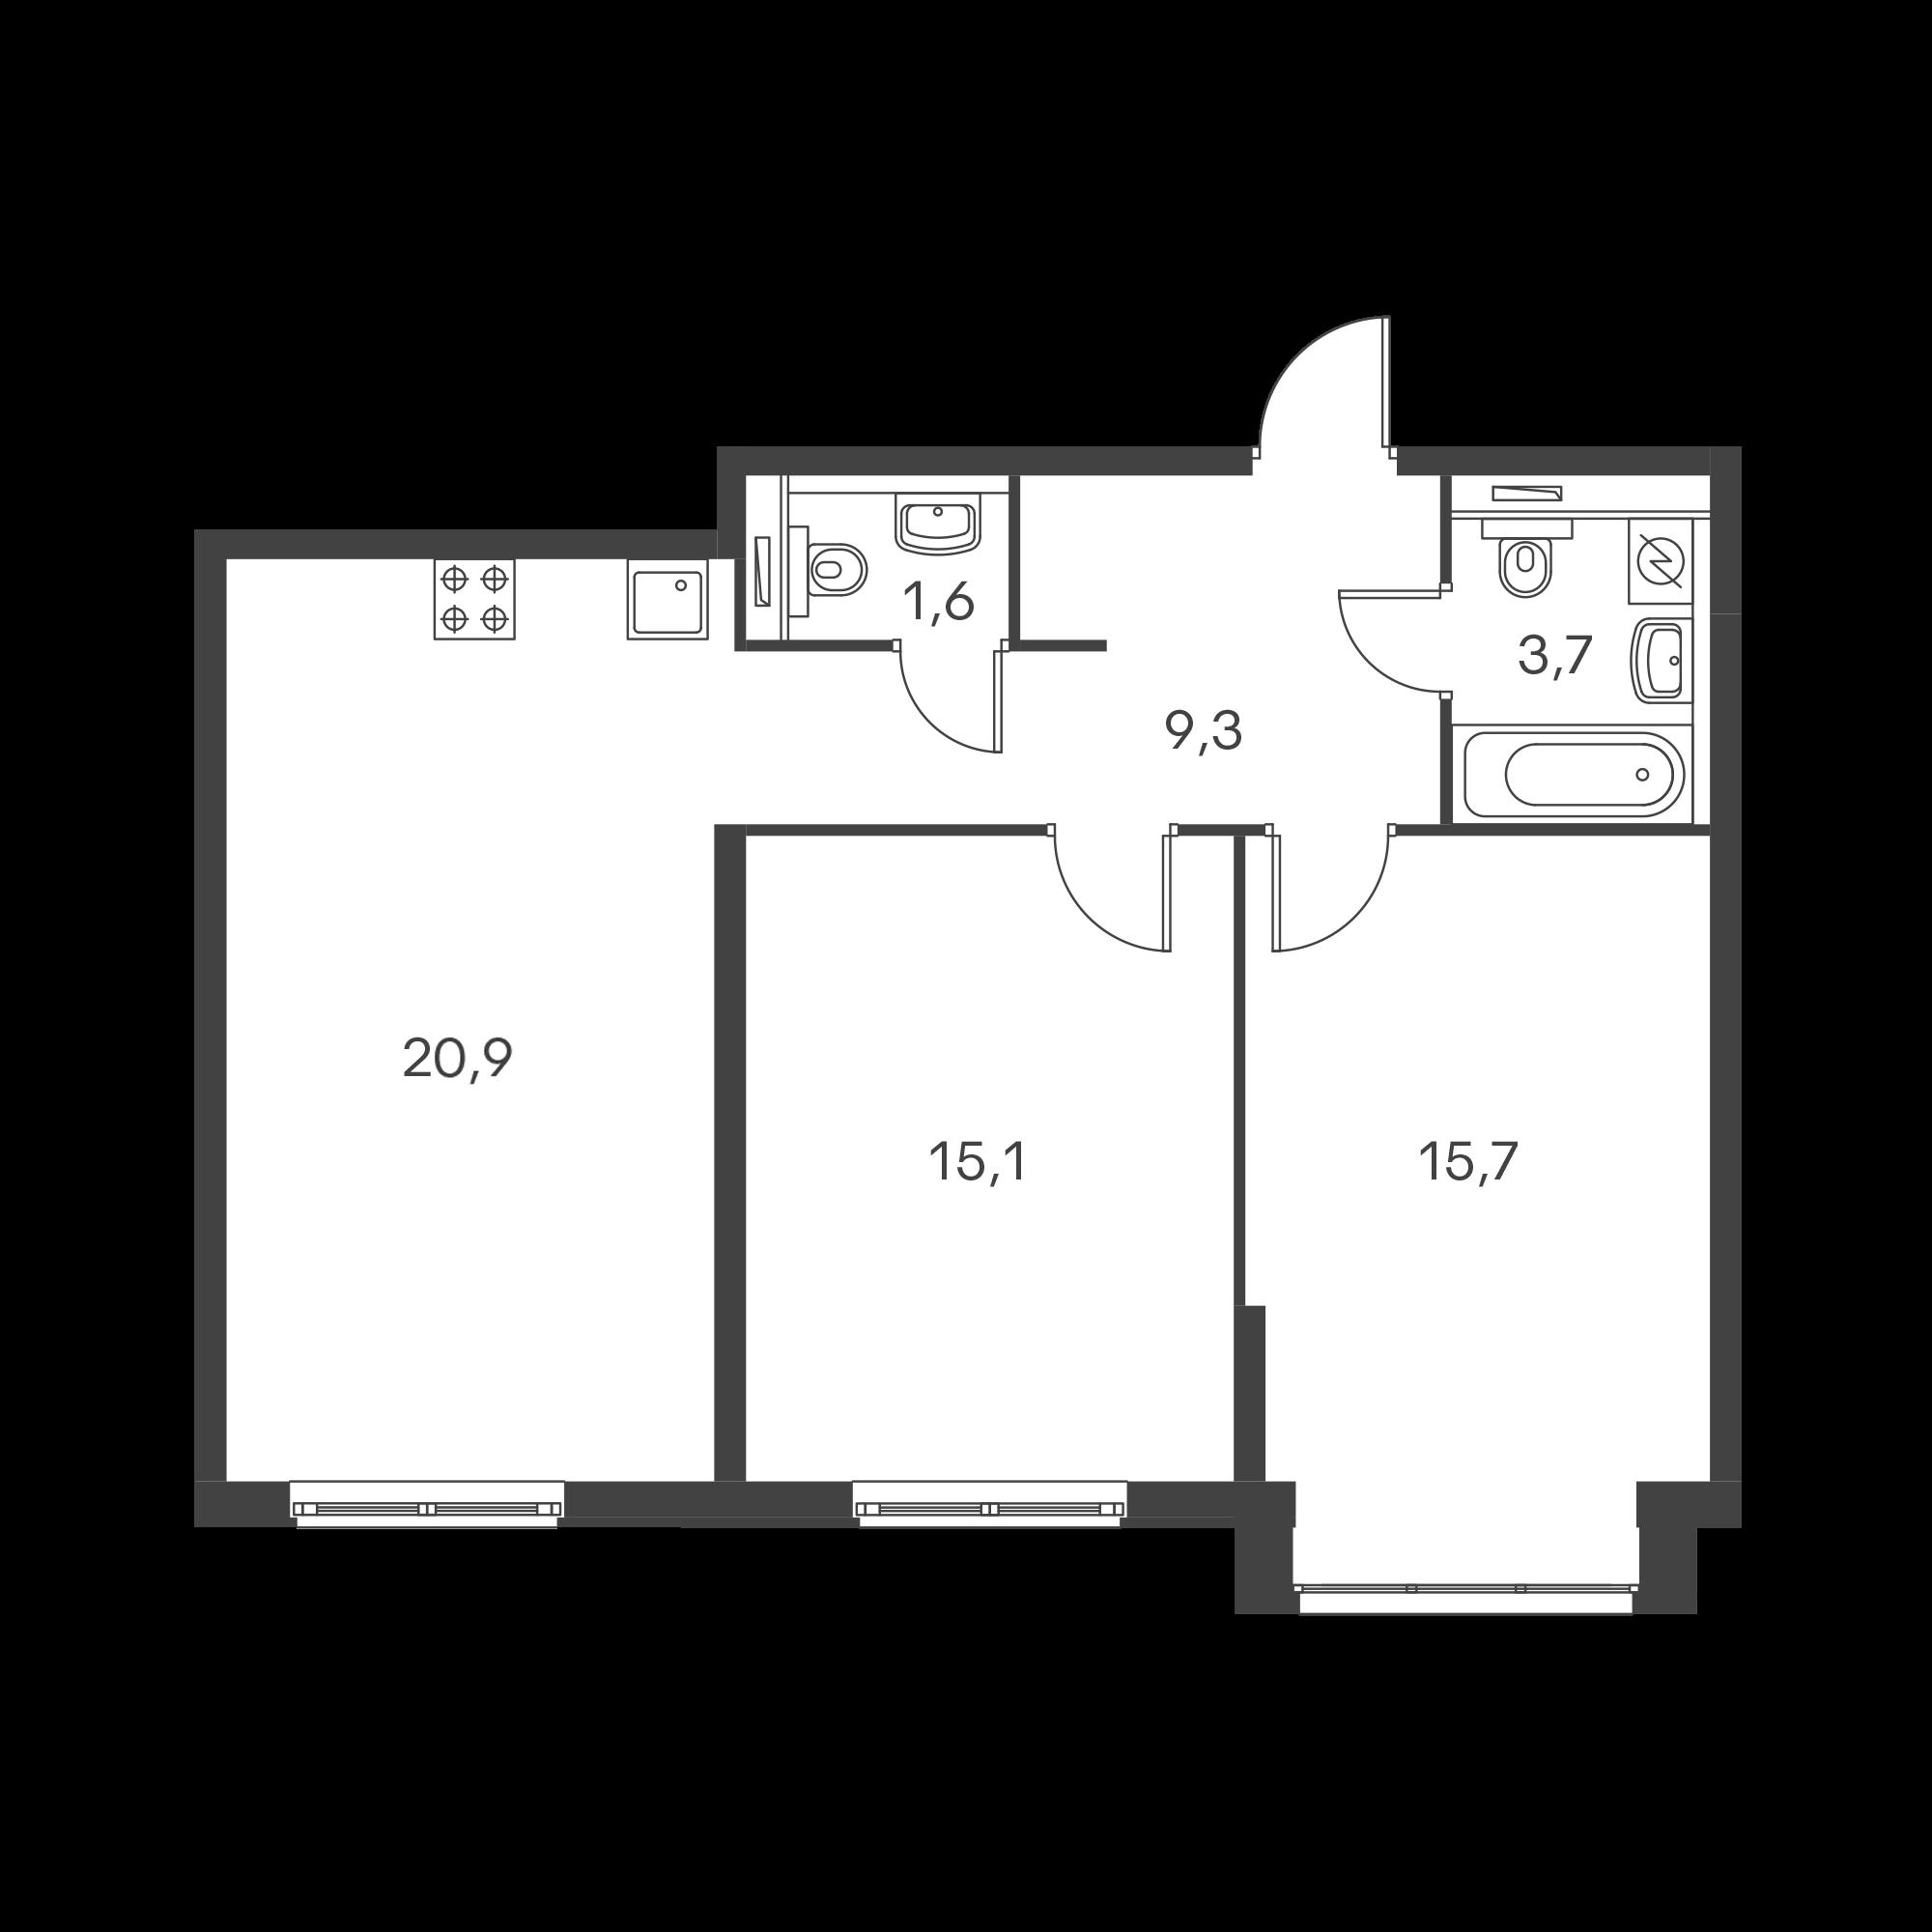 2-комнатная 66.3 м²